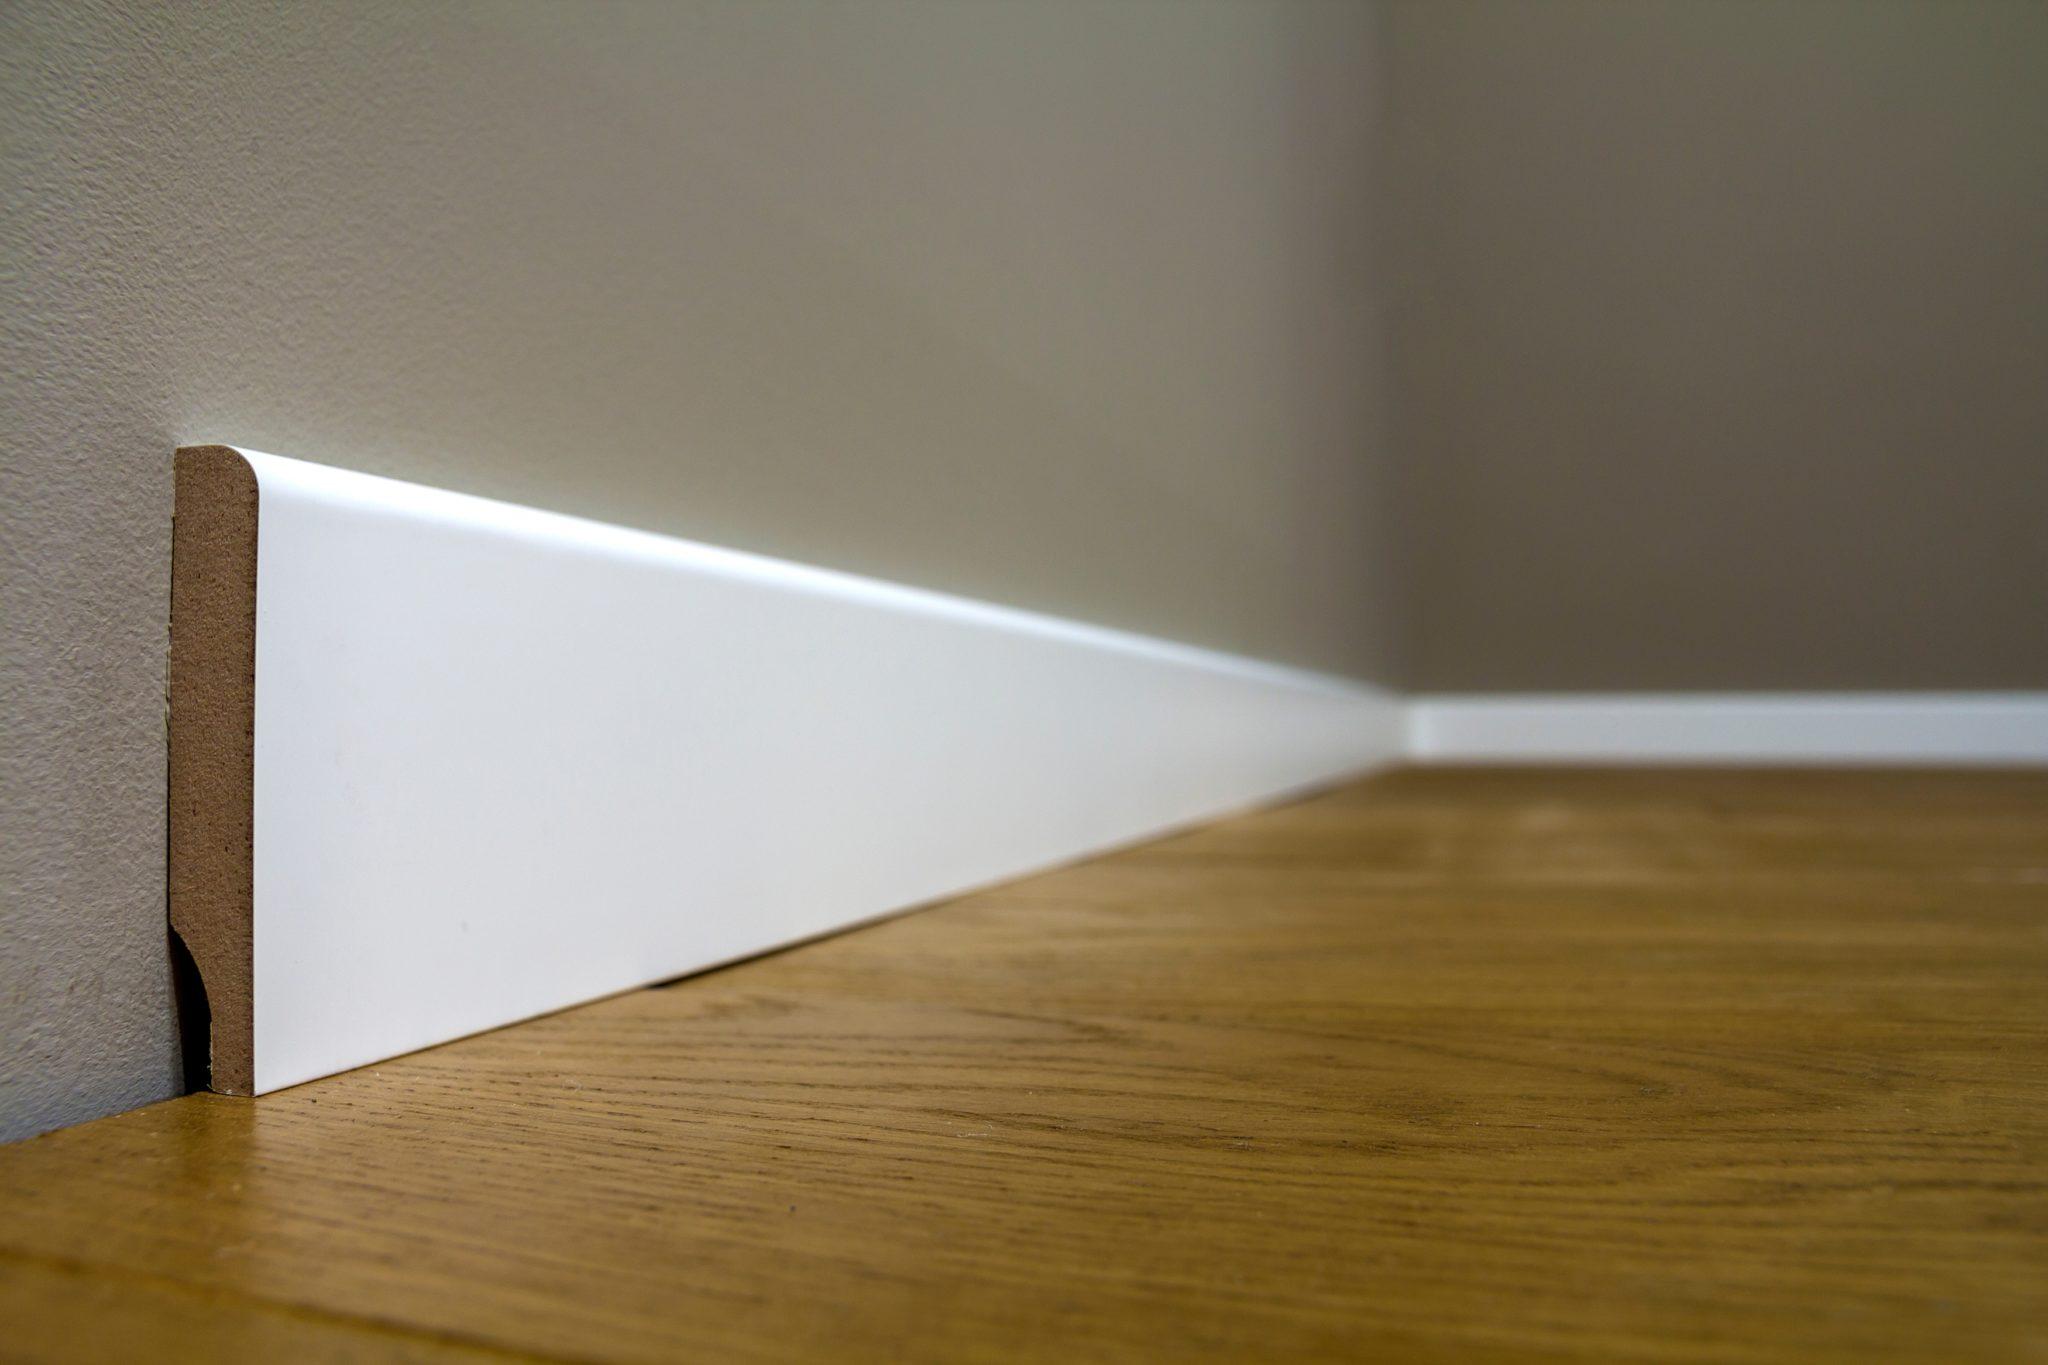 Battiscopa In Legno Bianco battiscopa in legno massello bianco laccato 7 cm